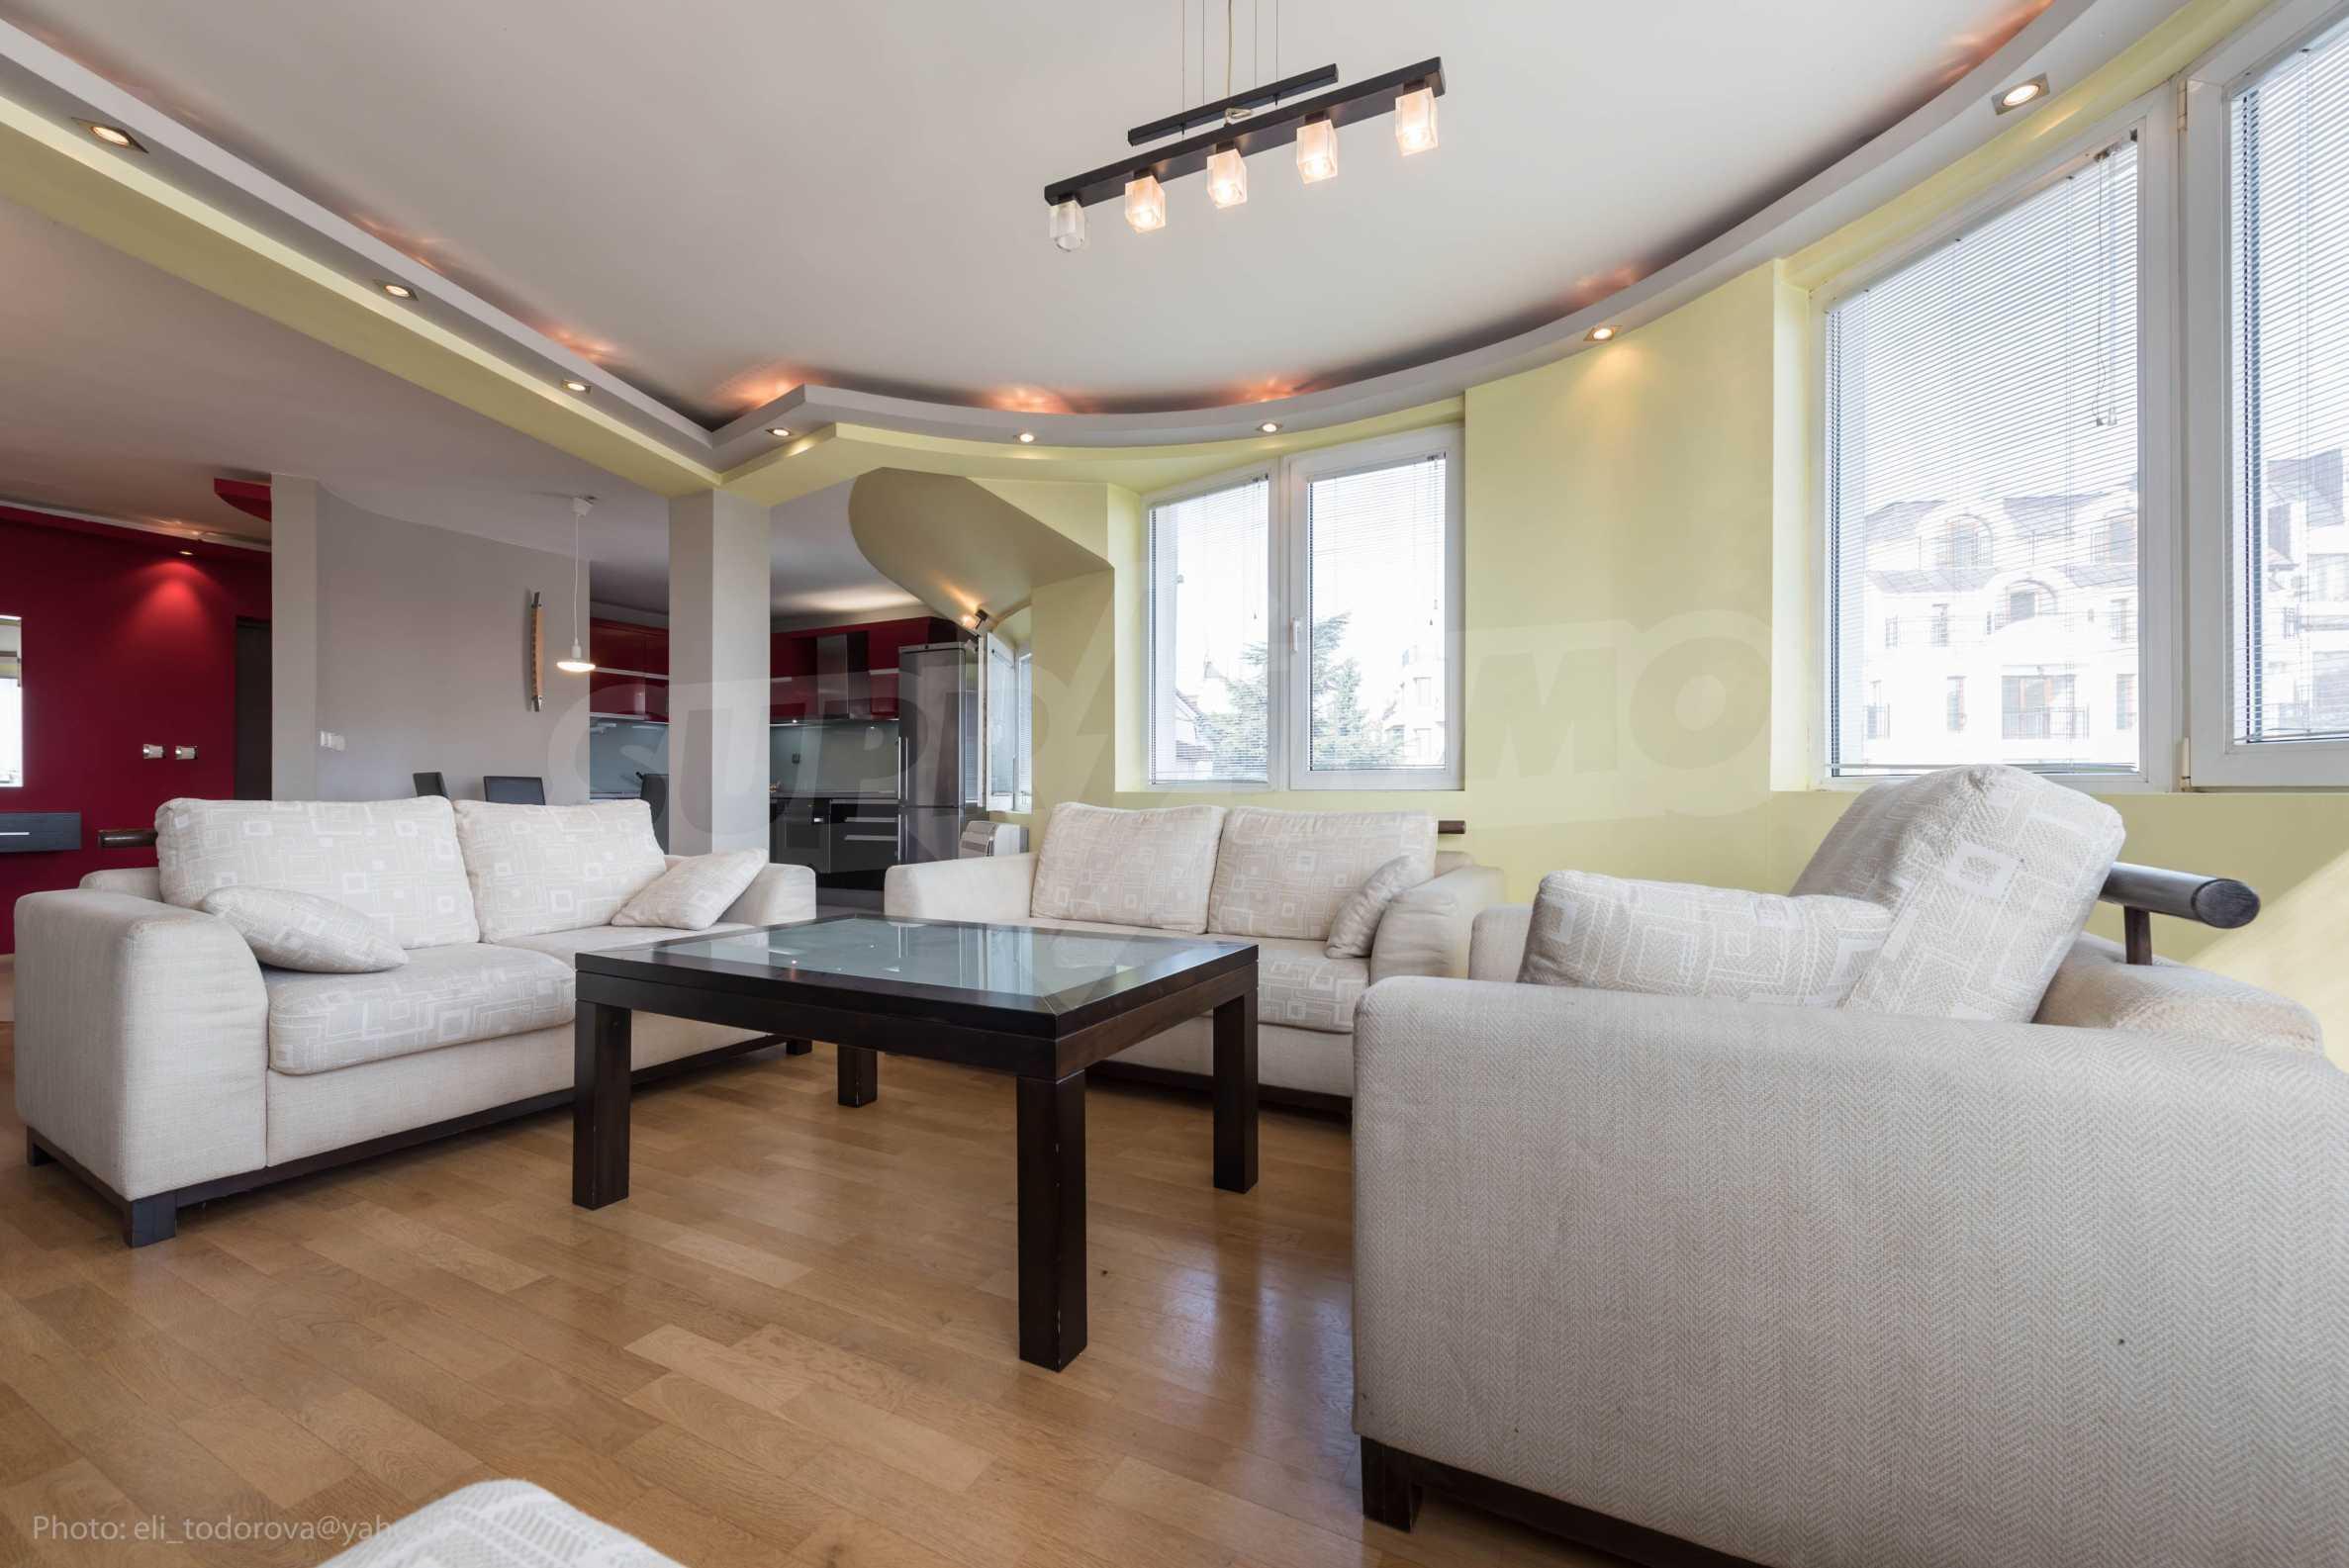 Квартира «Миша» - отличная трехкомнатная недвижимость в идеальном центре. 3